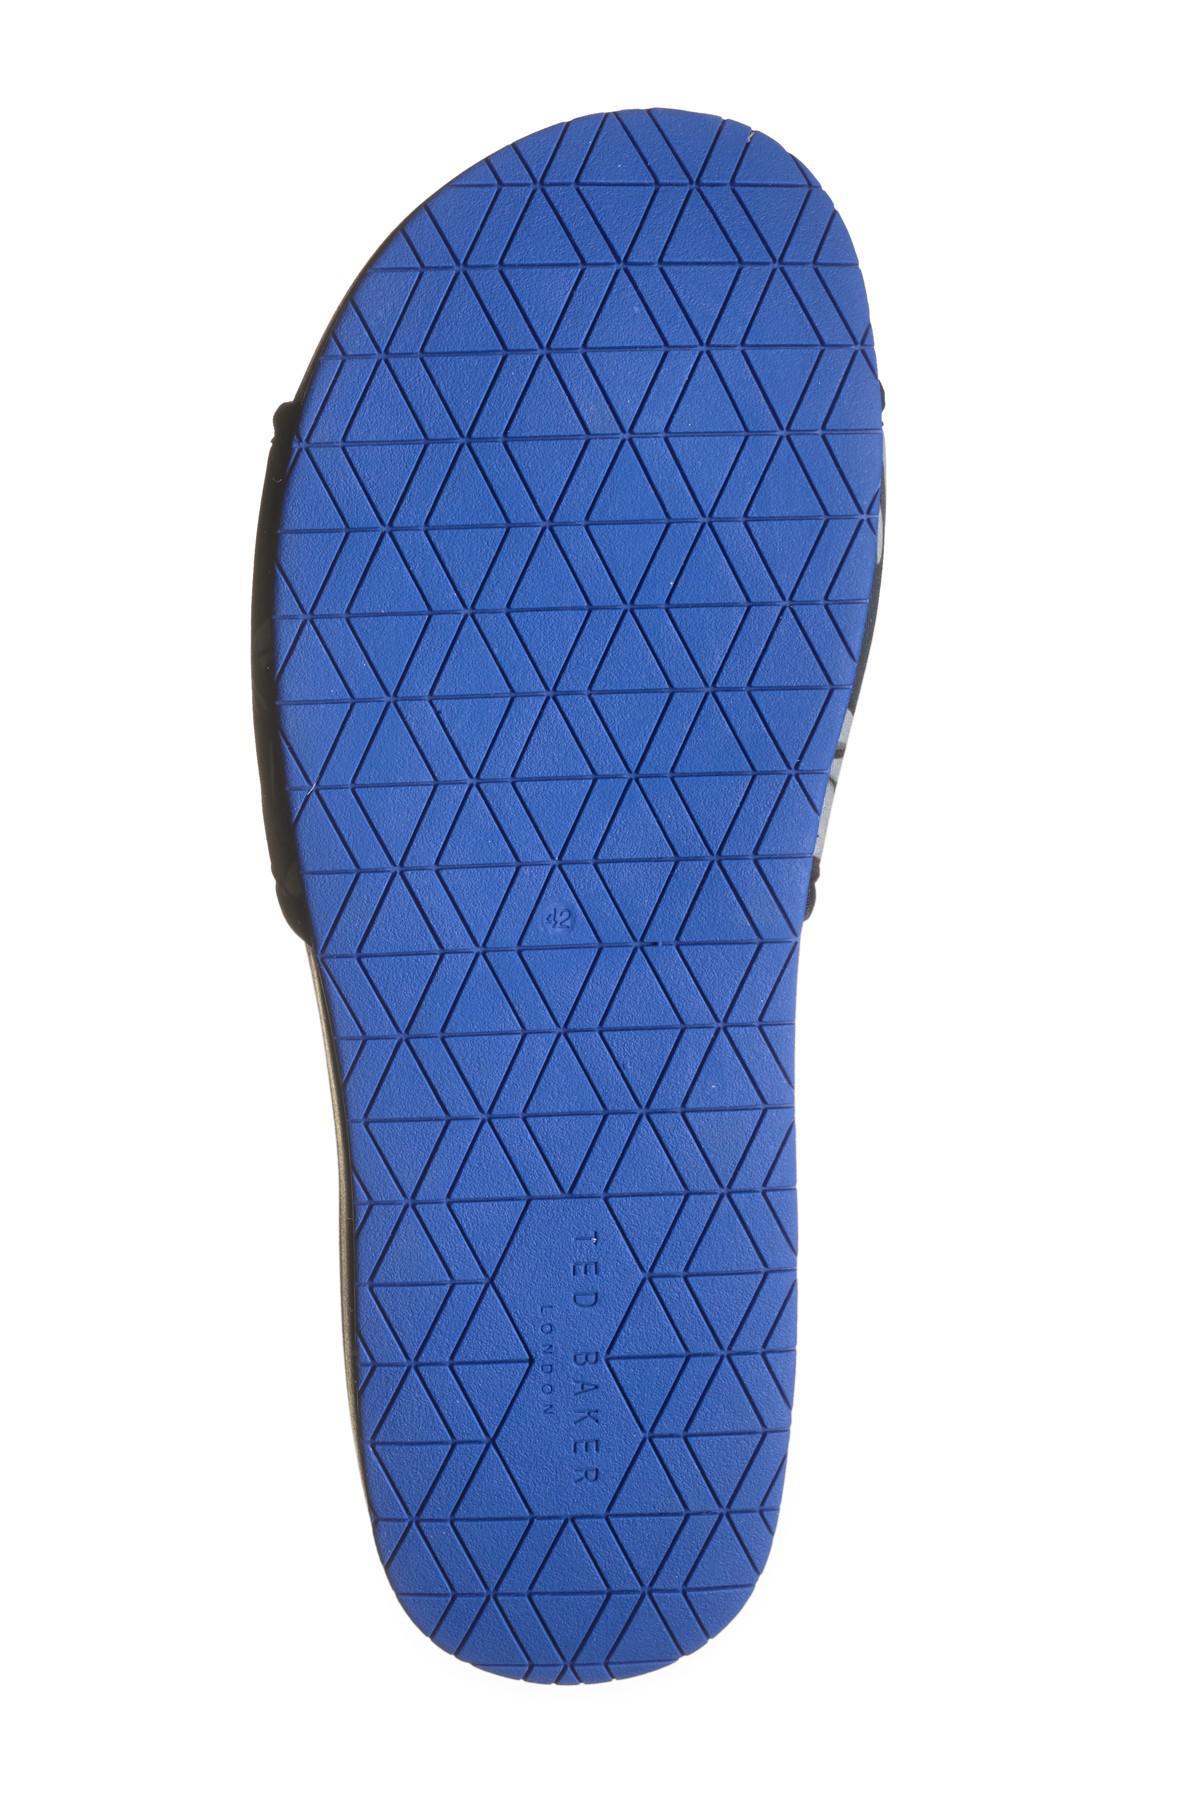 aacb112f2c2e9 Ted Baker - Blue Sauldi Slide Sandal for Men - Lyst. View fullscreen